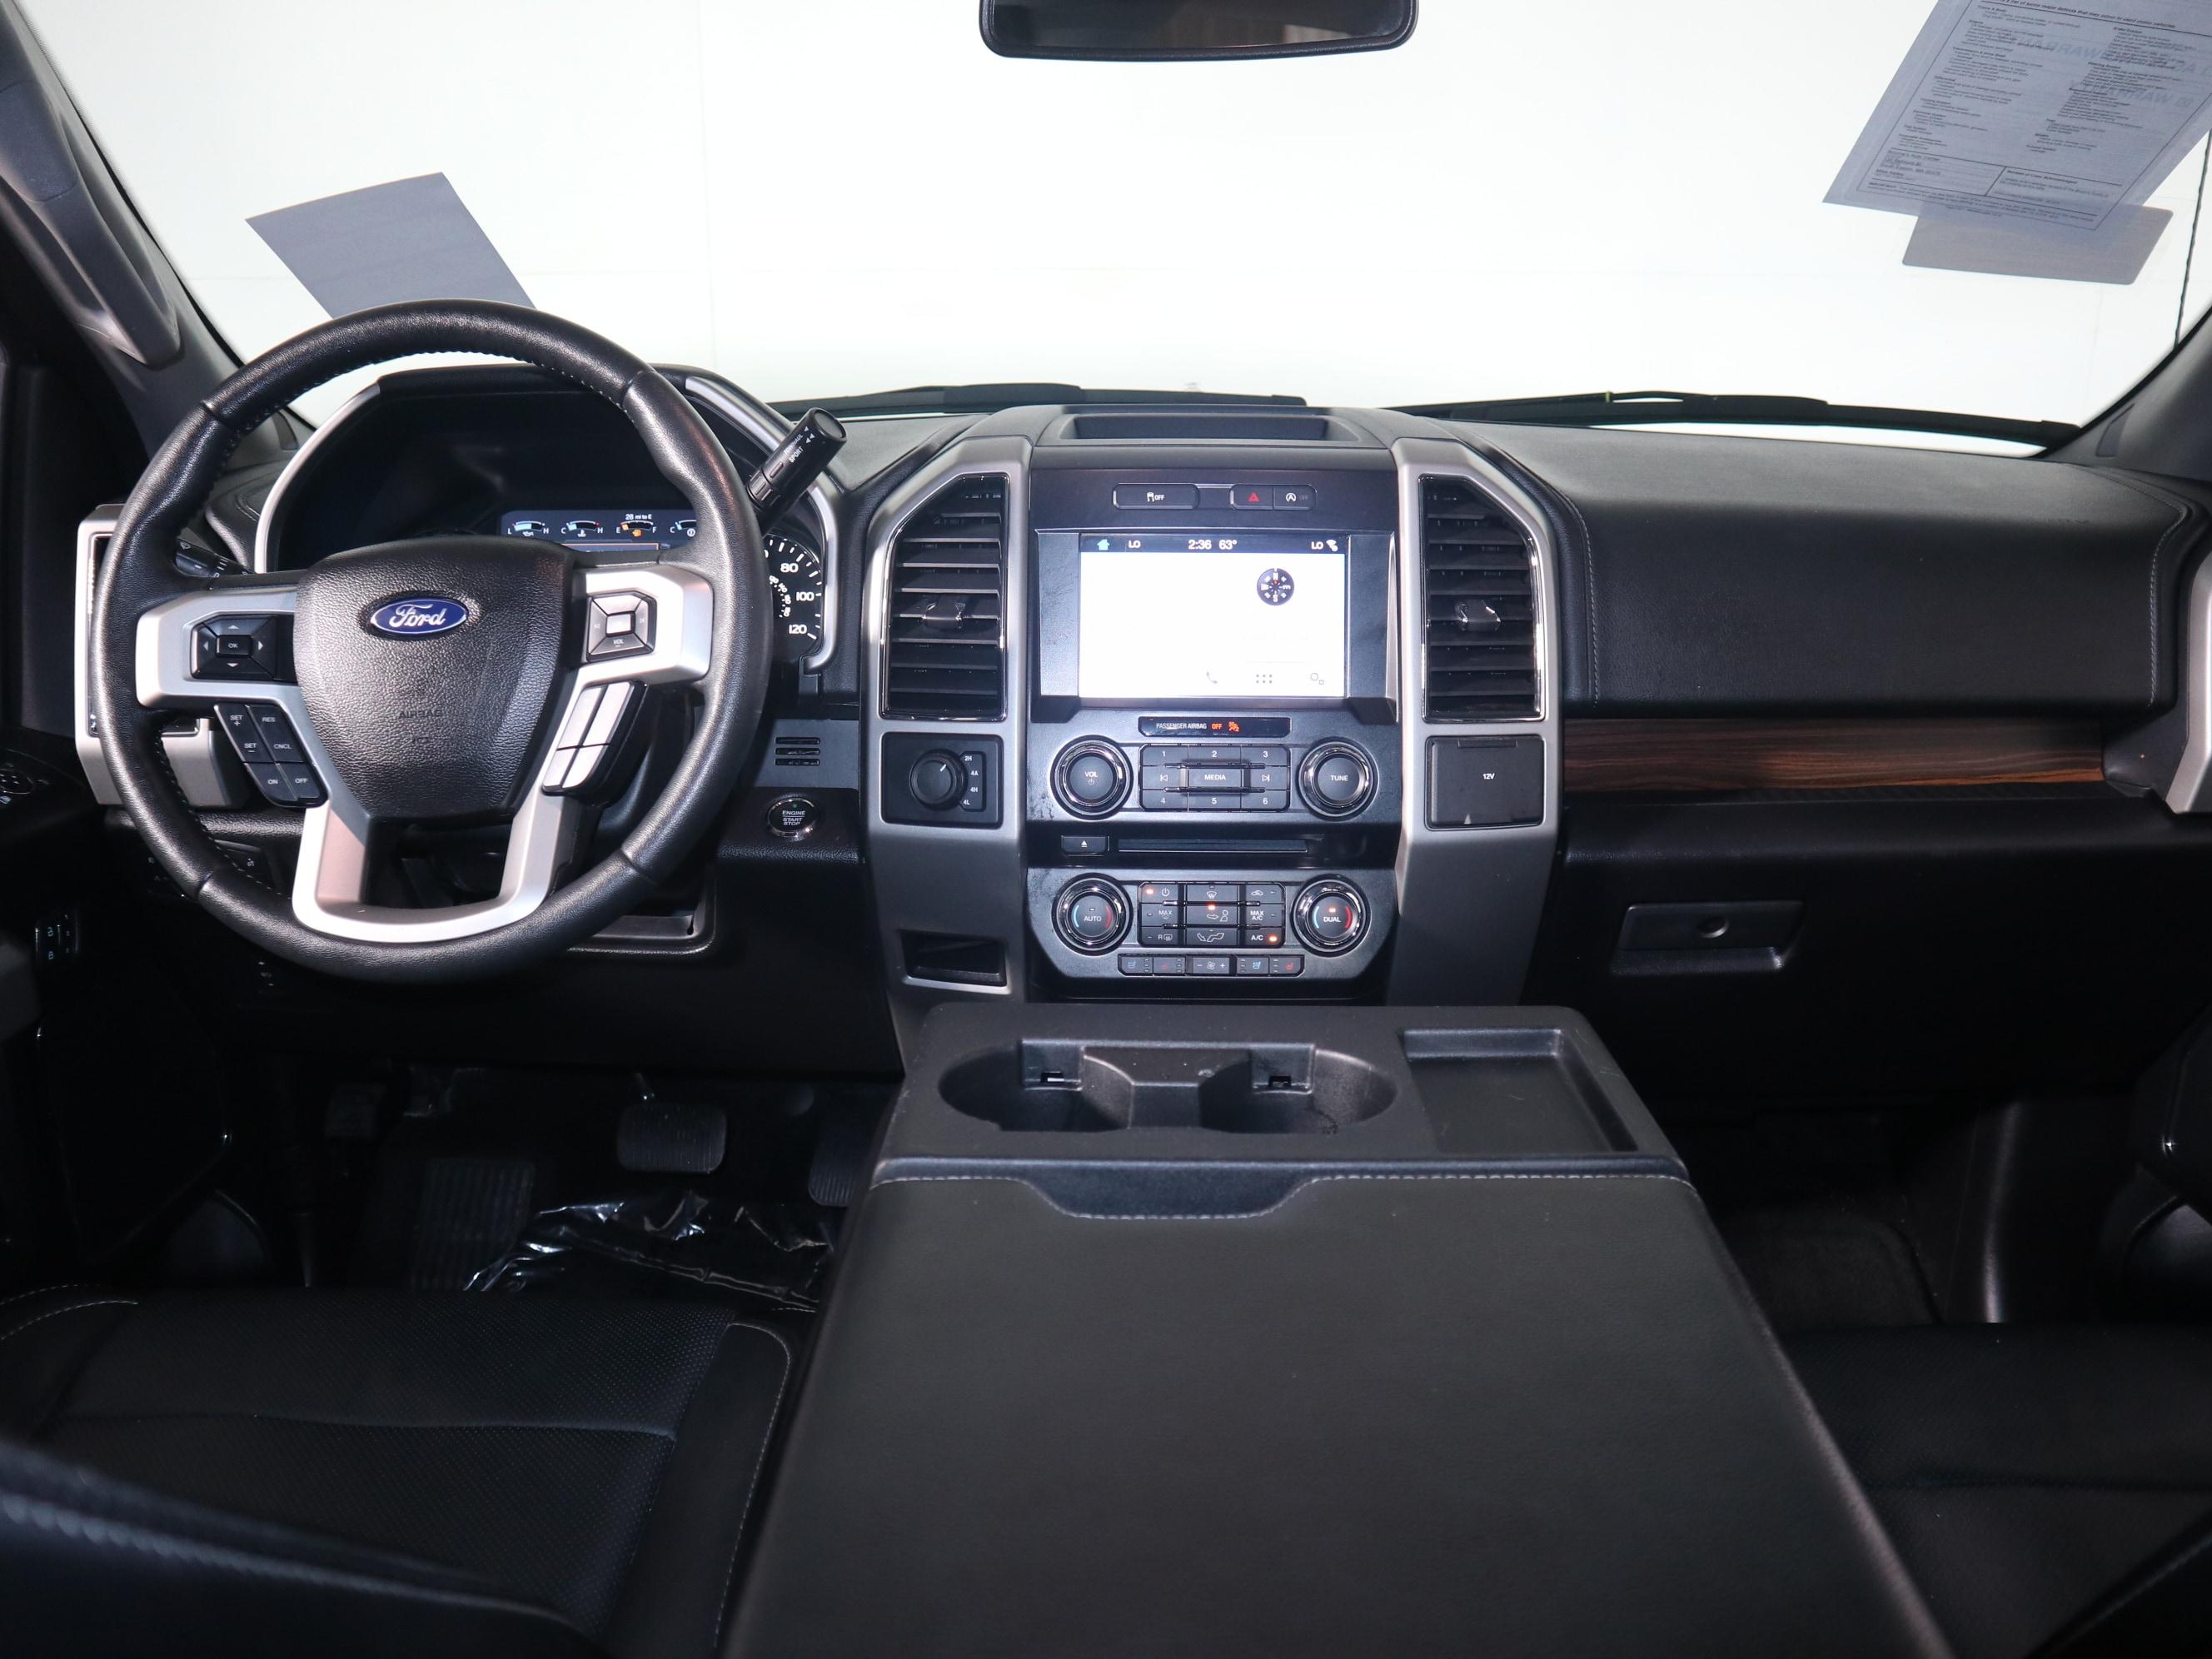 2017 Ford F-150 - Fair Car Ownership